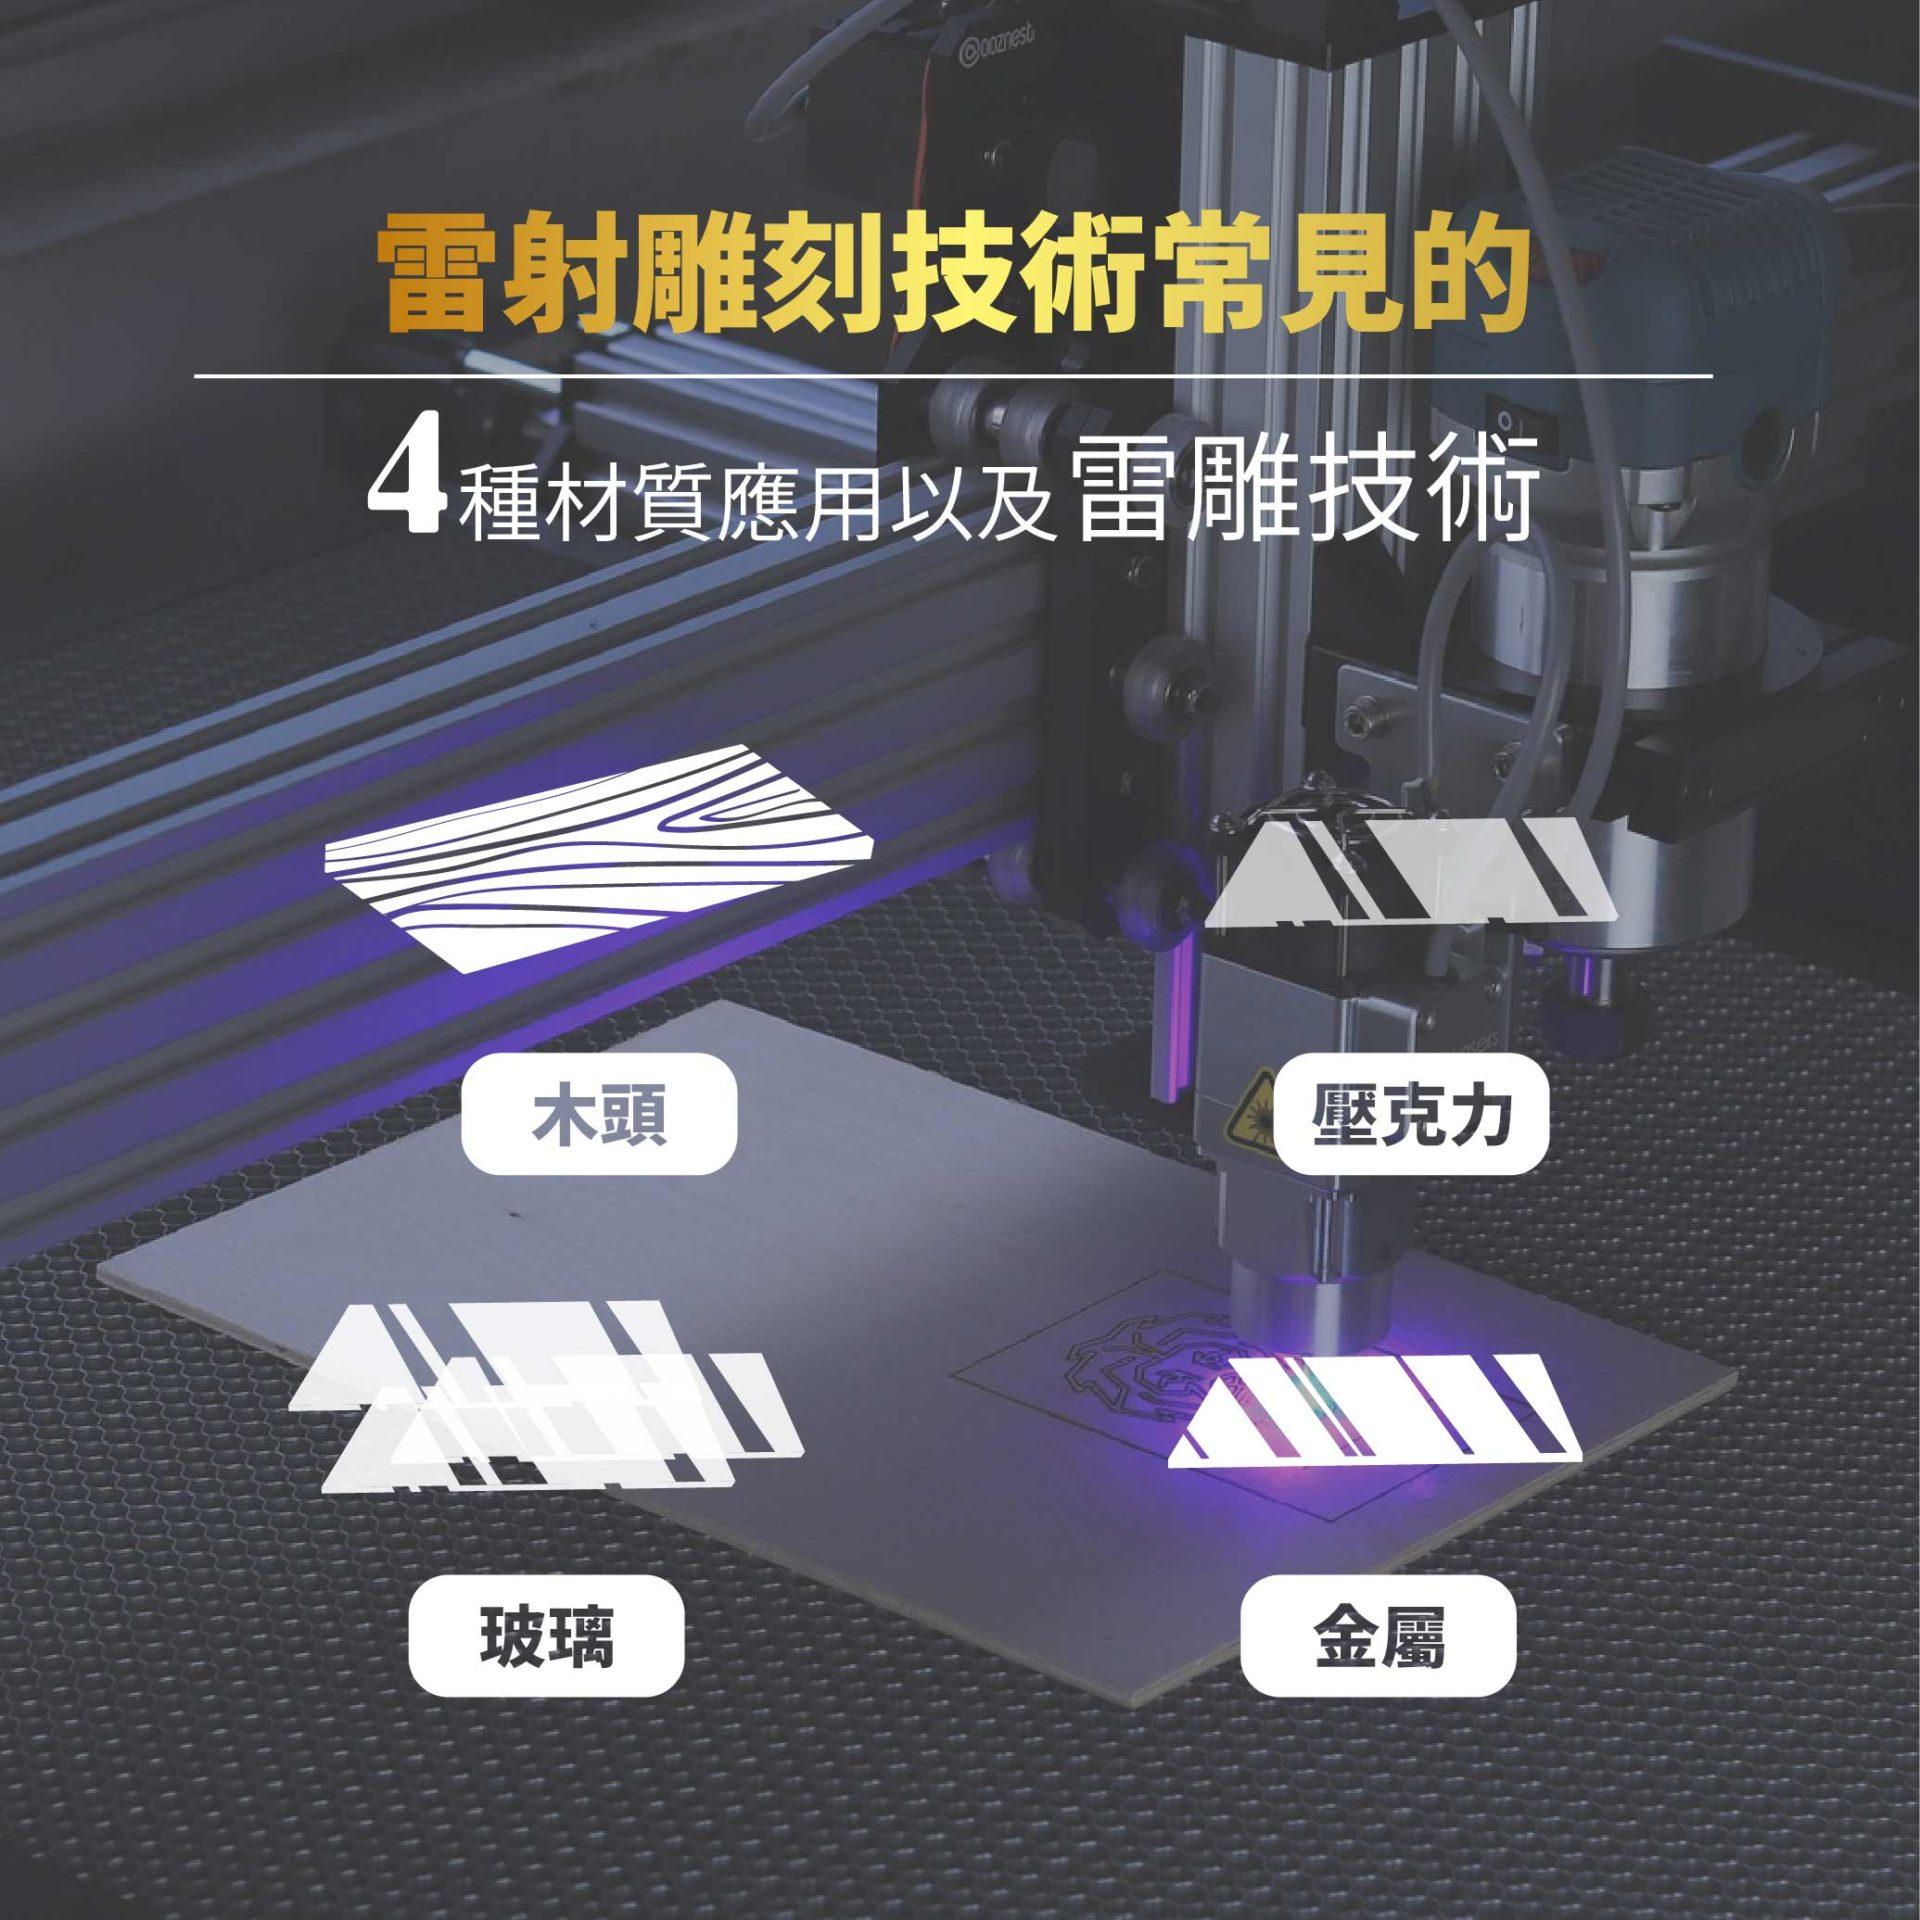 雷射雕刻技術常見的4種材質應用以及雷雕技術